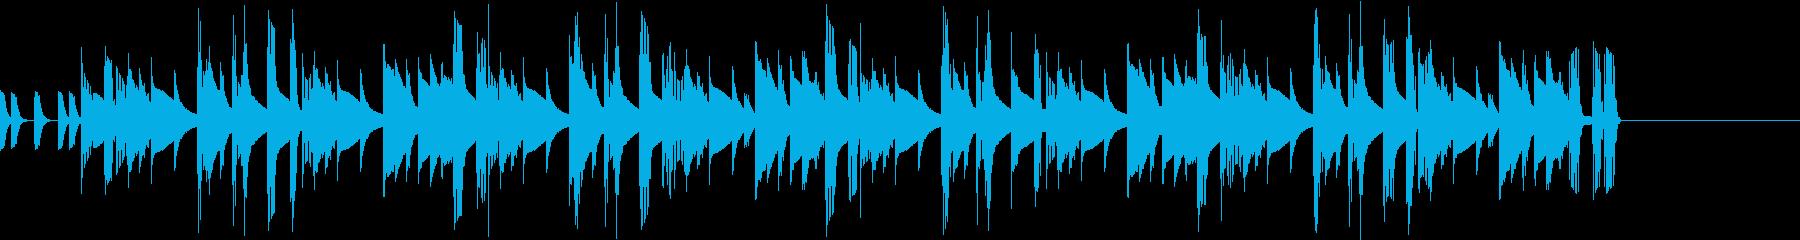 シンセベースとリズムボックス ジングル1の再生済みの波形